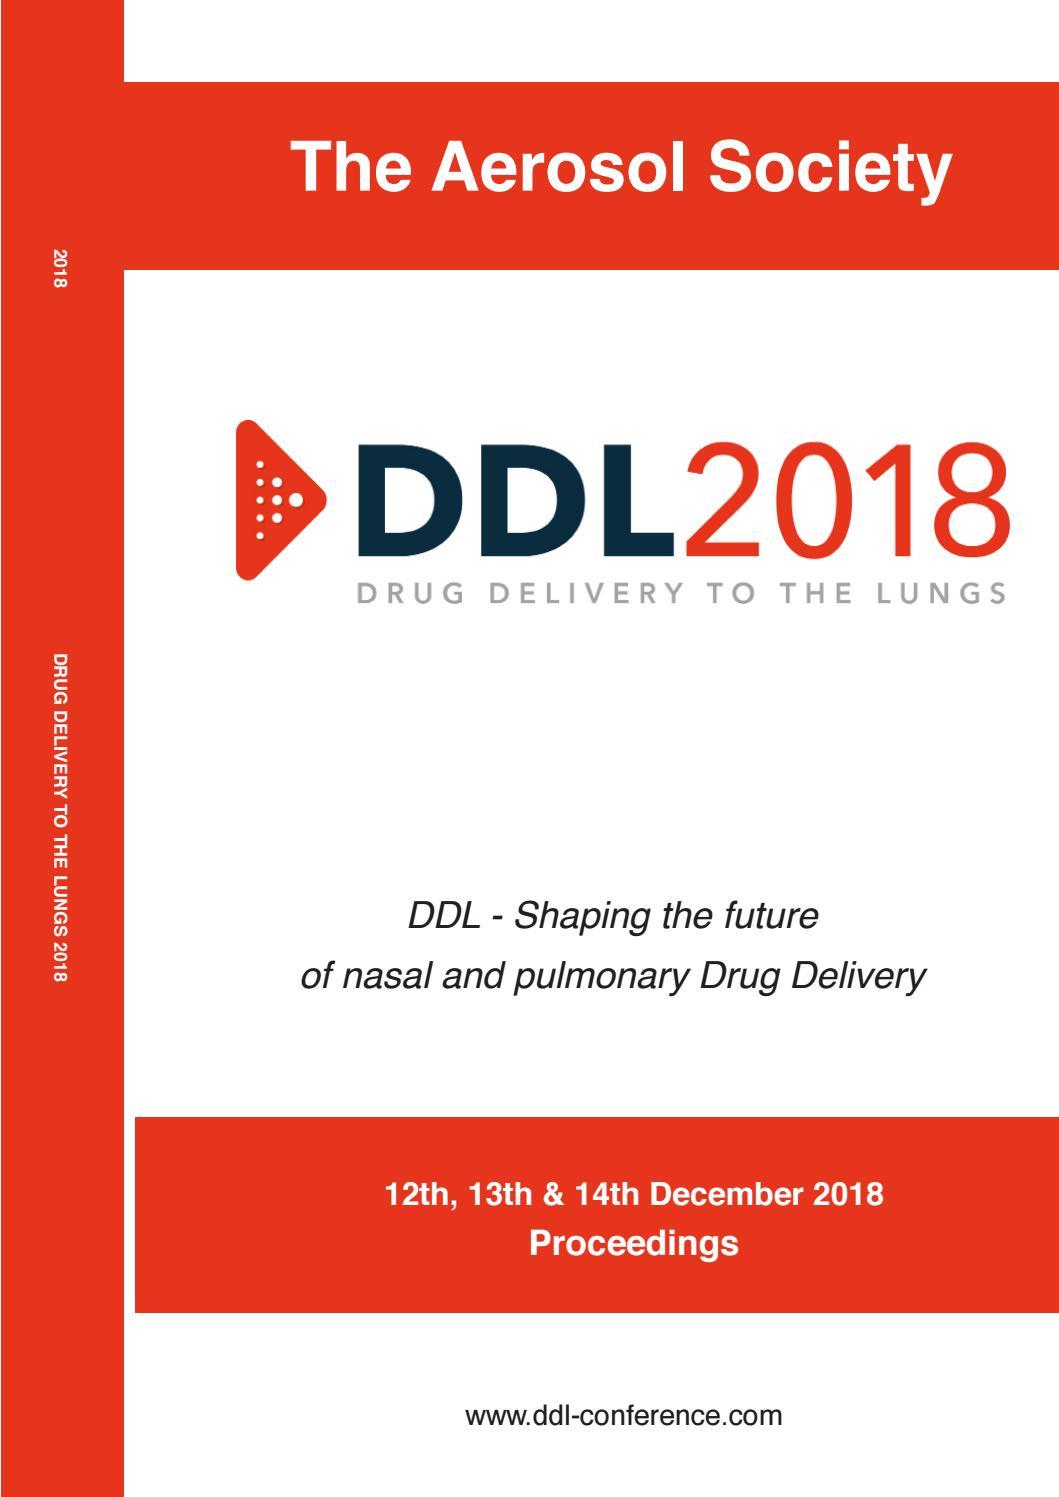 ddl2018 digital proceedings by info ddl